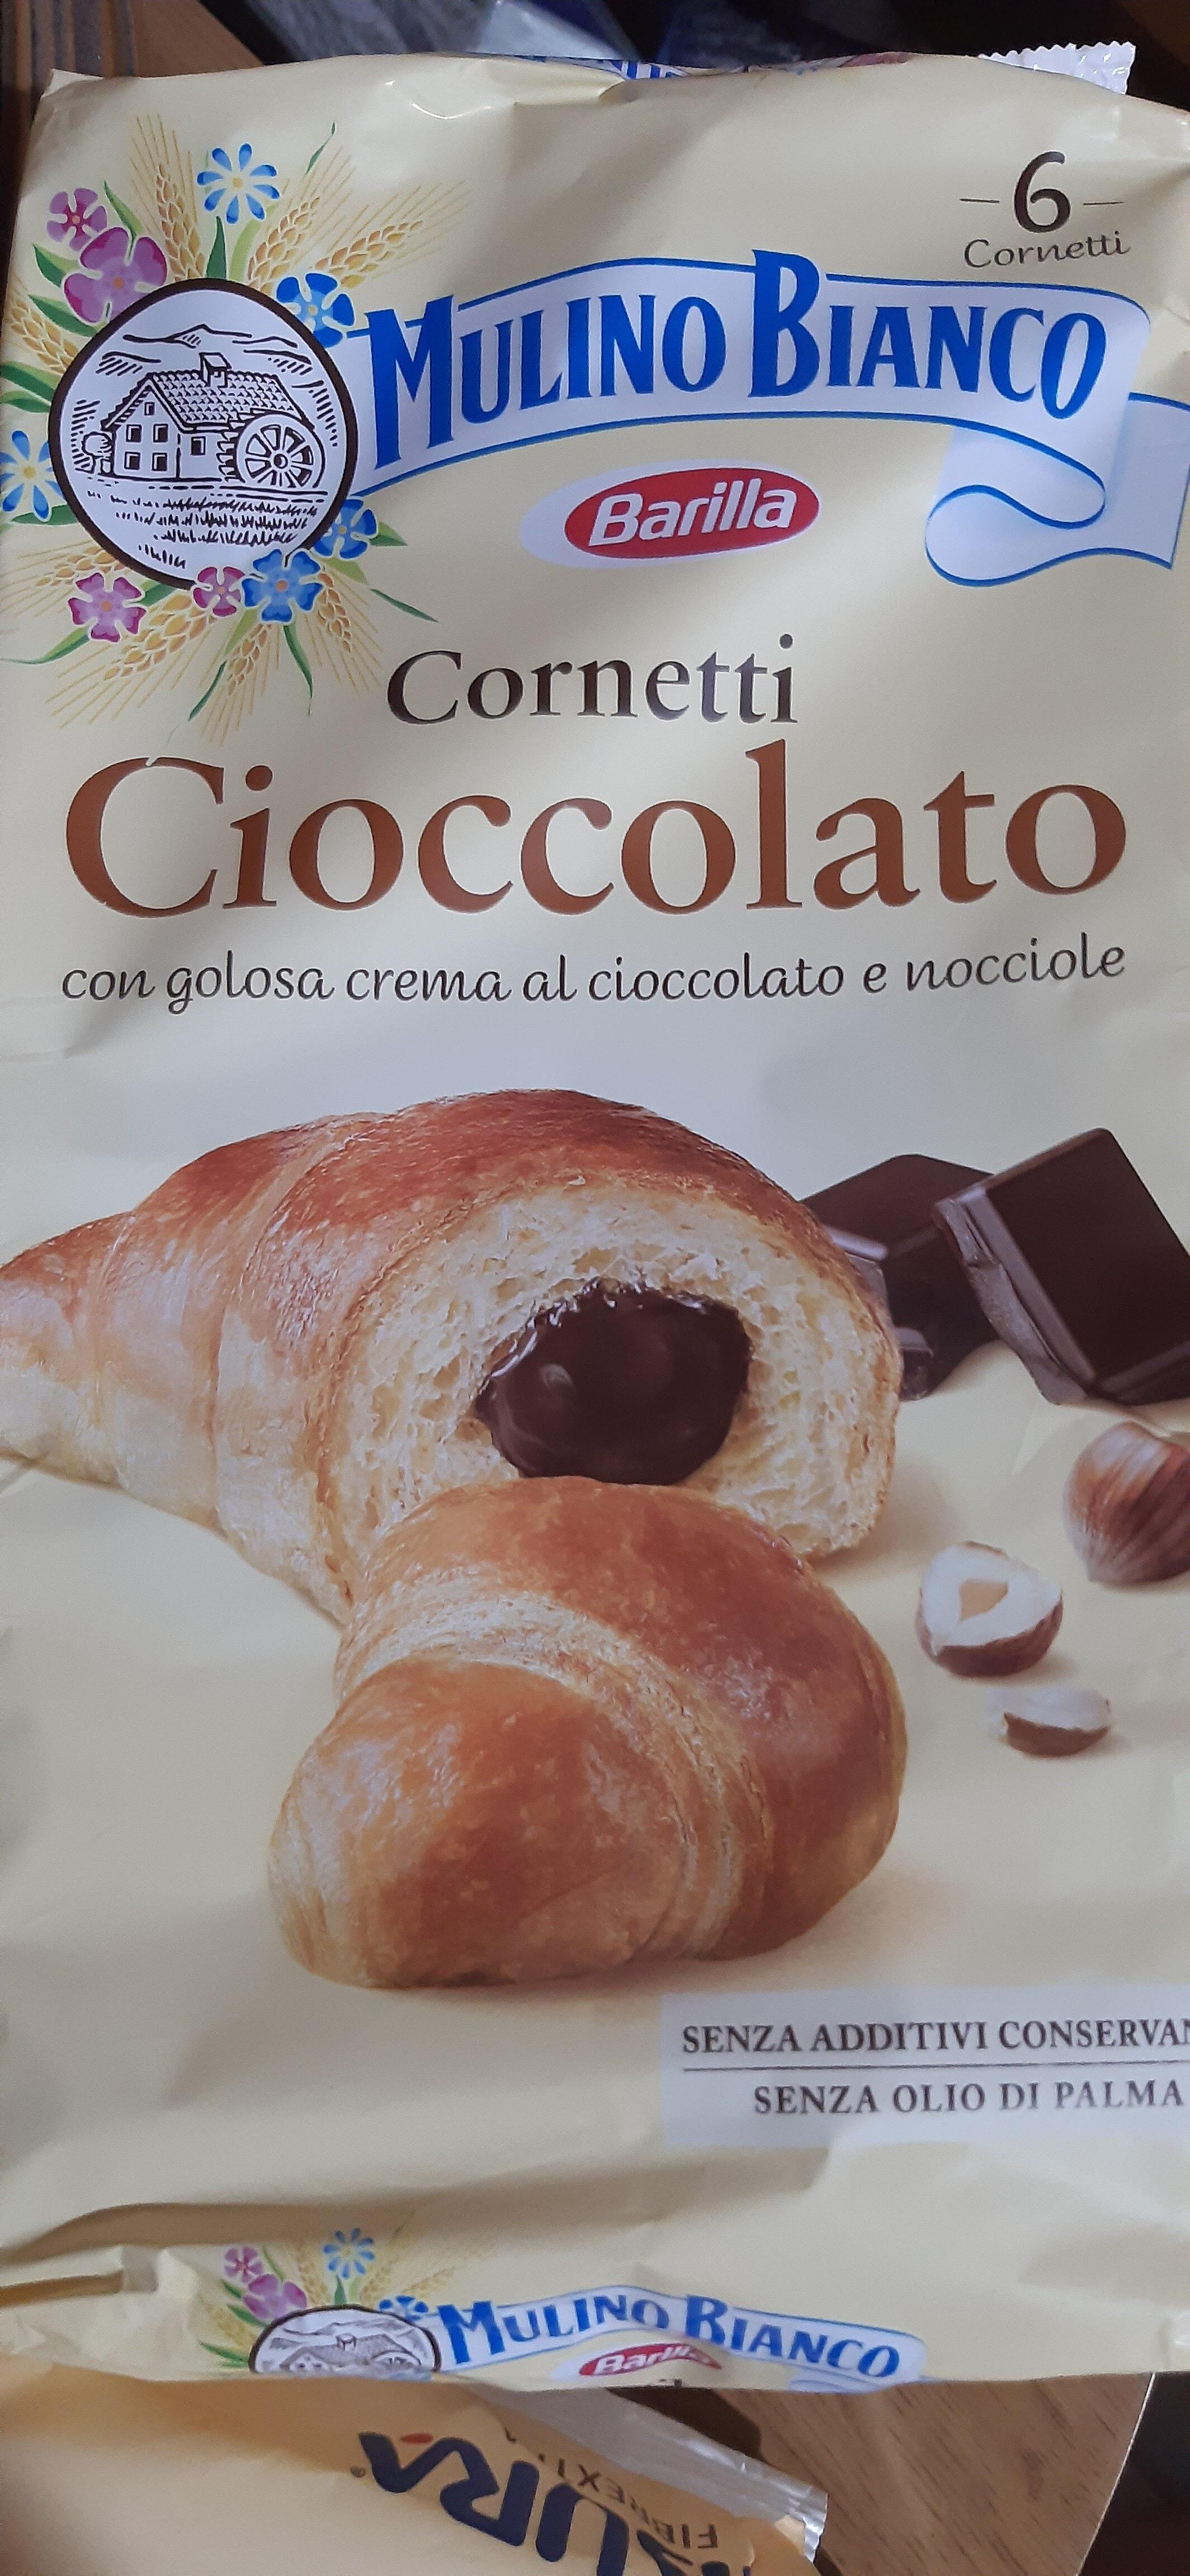 Croissant au Chocolat - Prodotto - it